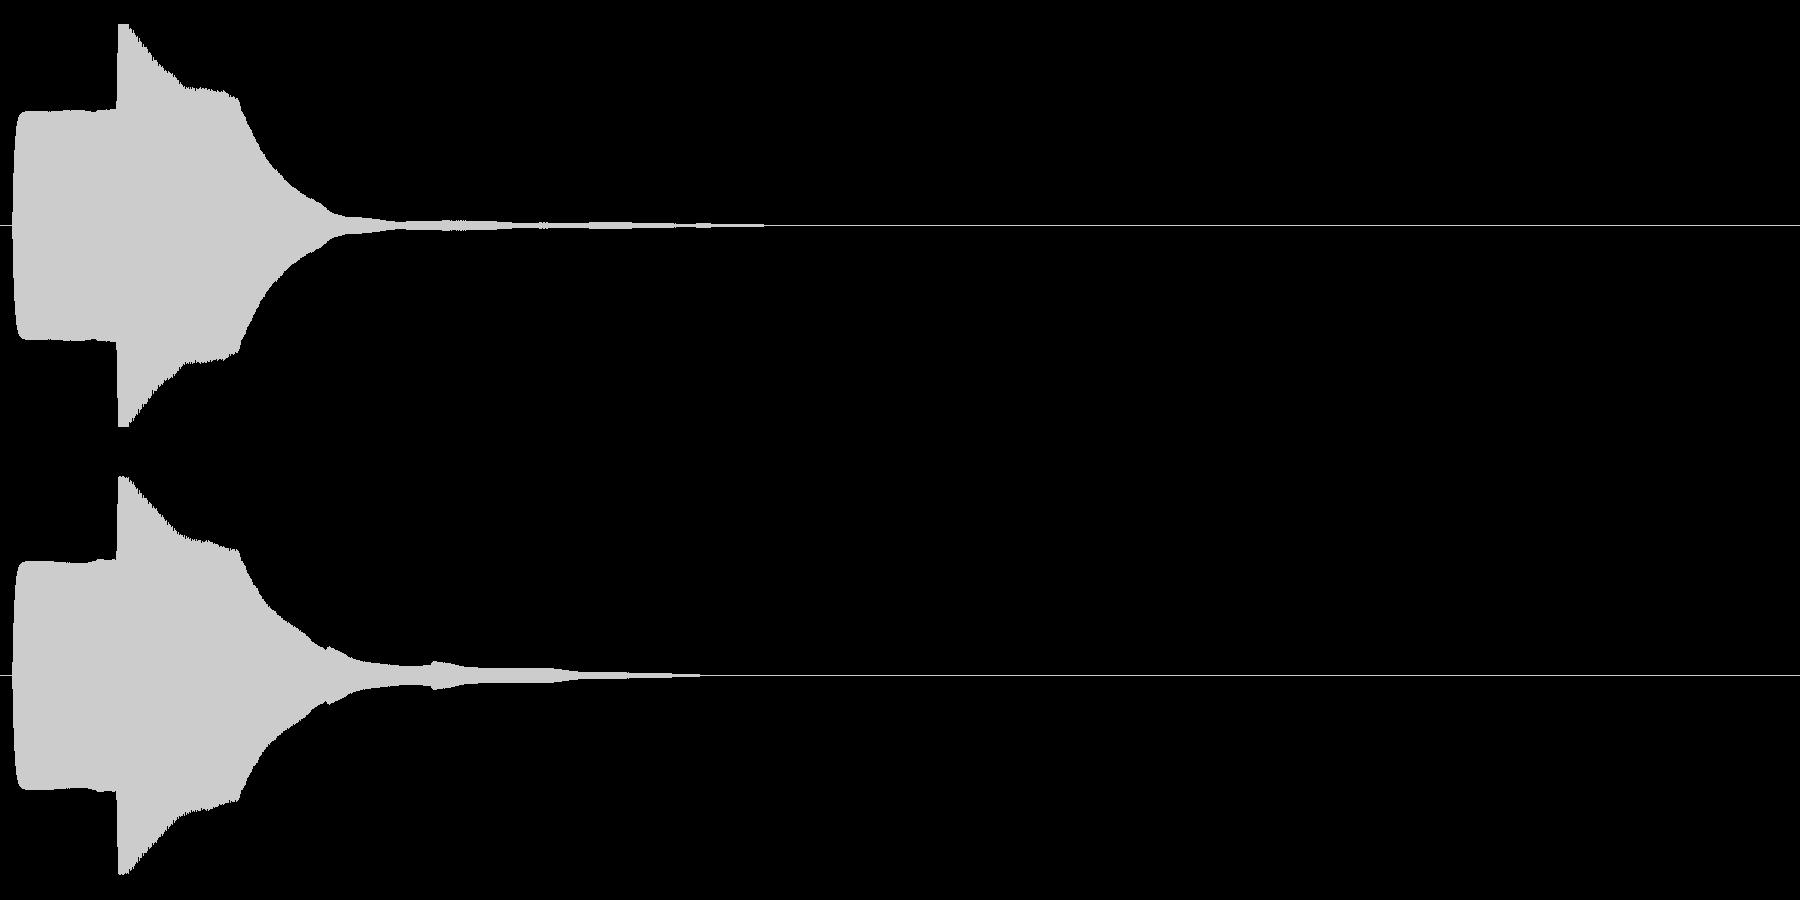 ピコン(キャンセル,終了,停止)_08の未再生の波形